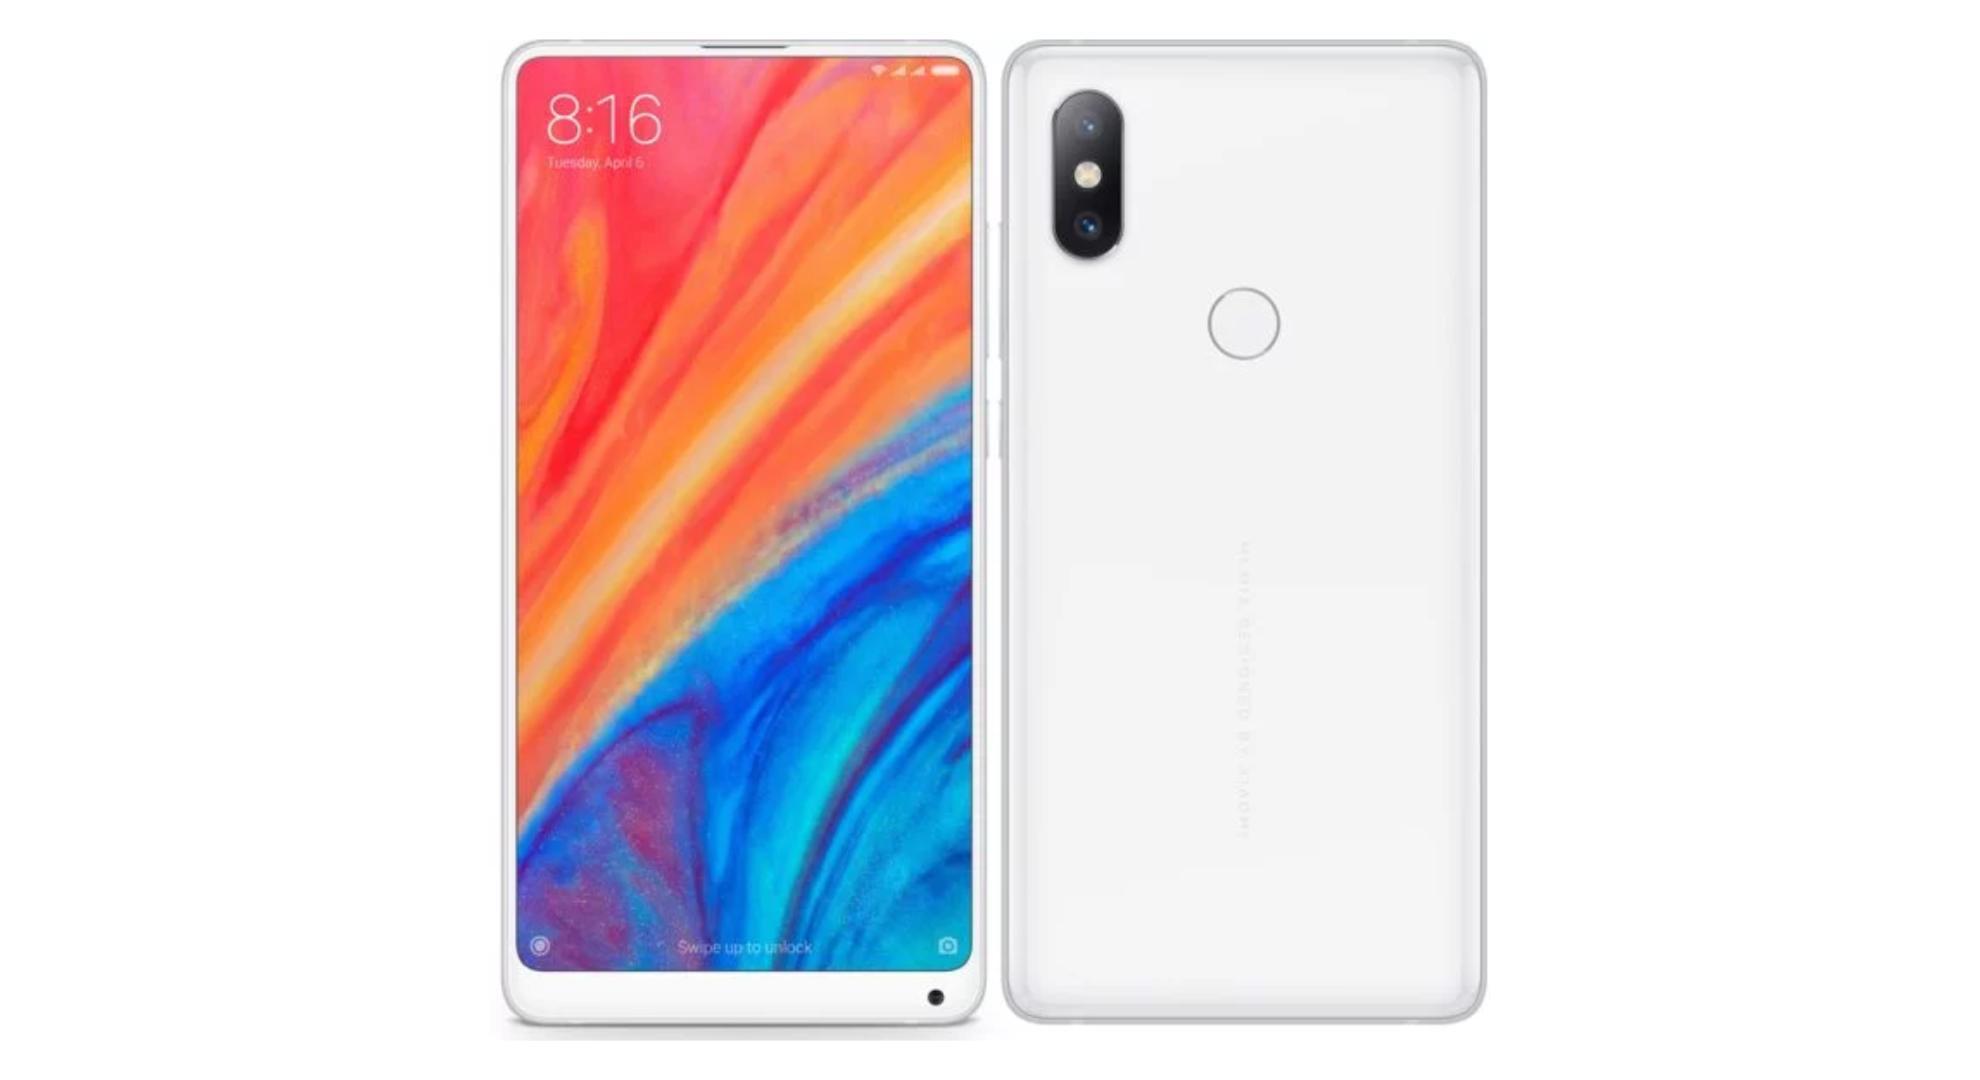 🔥 Bon plan : le Xiaomi Mi Mix 2S passe à 299 euros sur Rue du Commerce